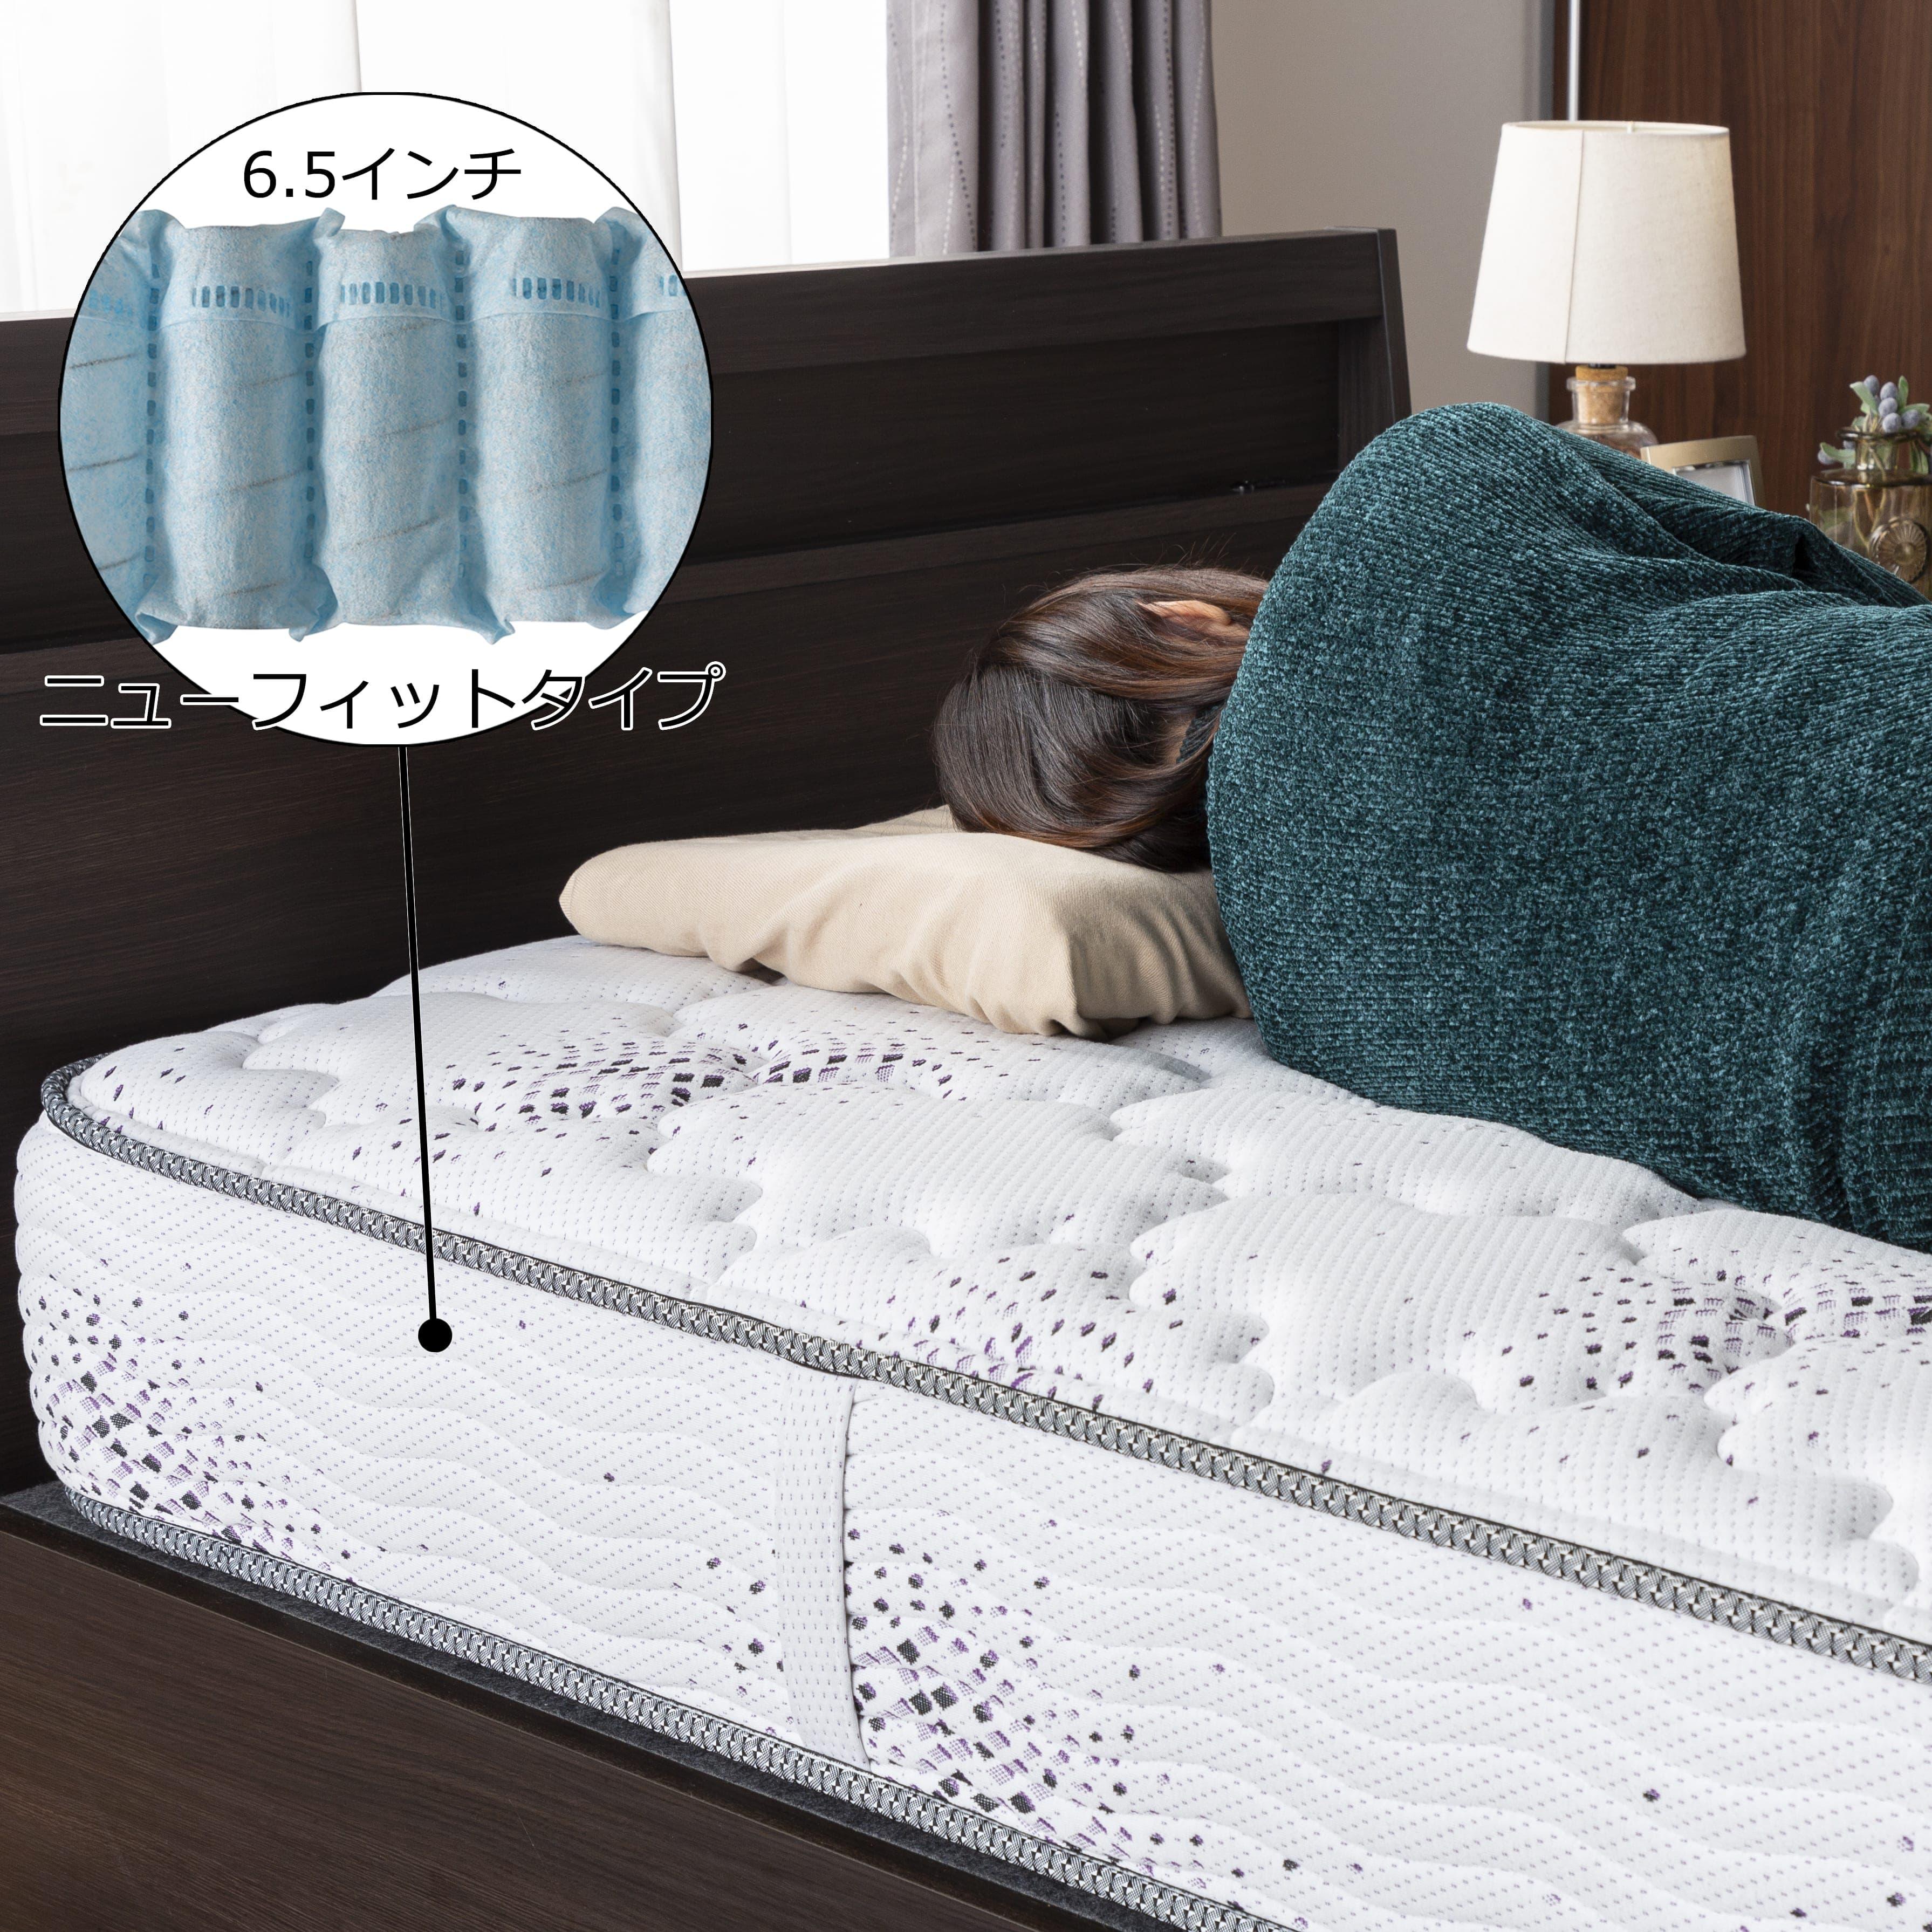 シモンズ 6.5インチニューフィット2 AB16S04(クイーンマットレス):ソフトな寝心地のニューフィットタイプ